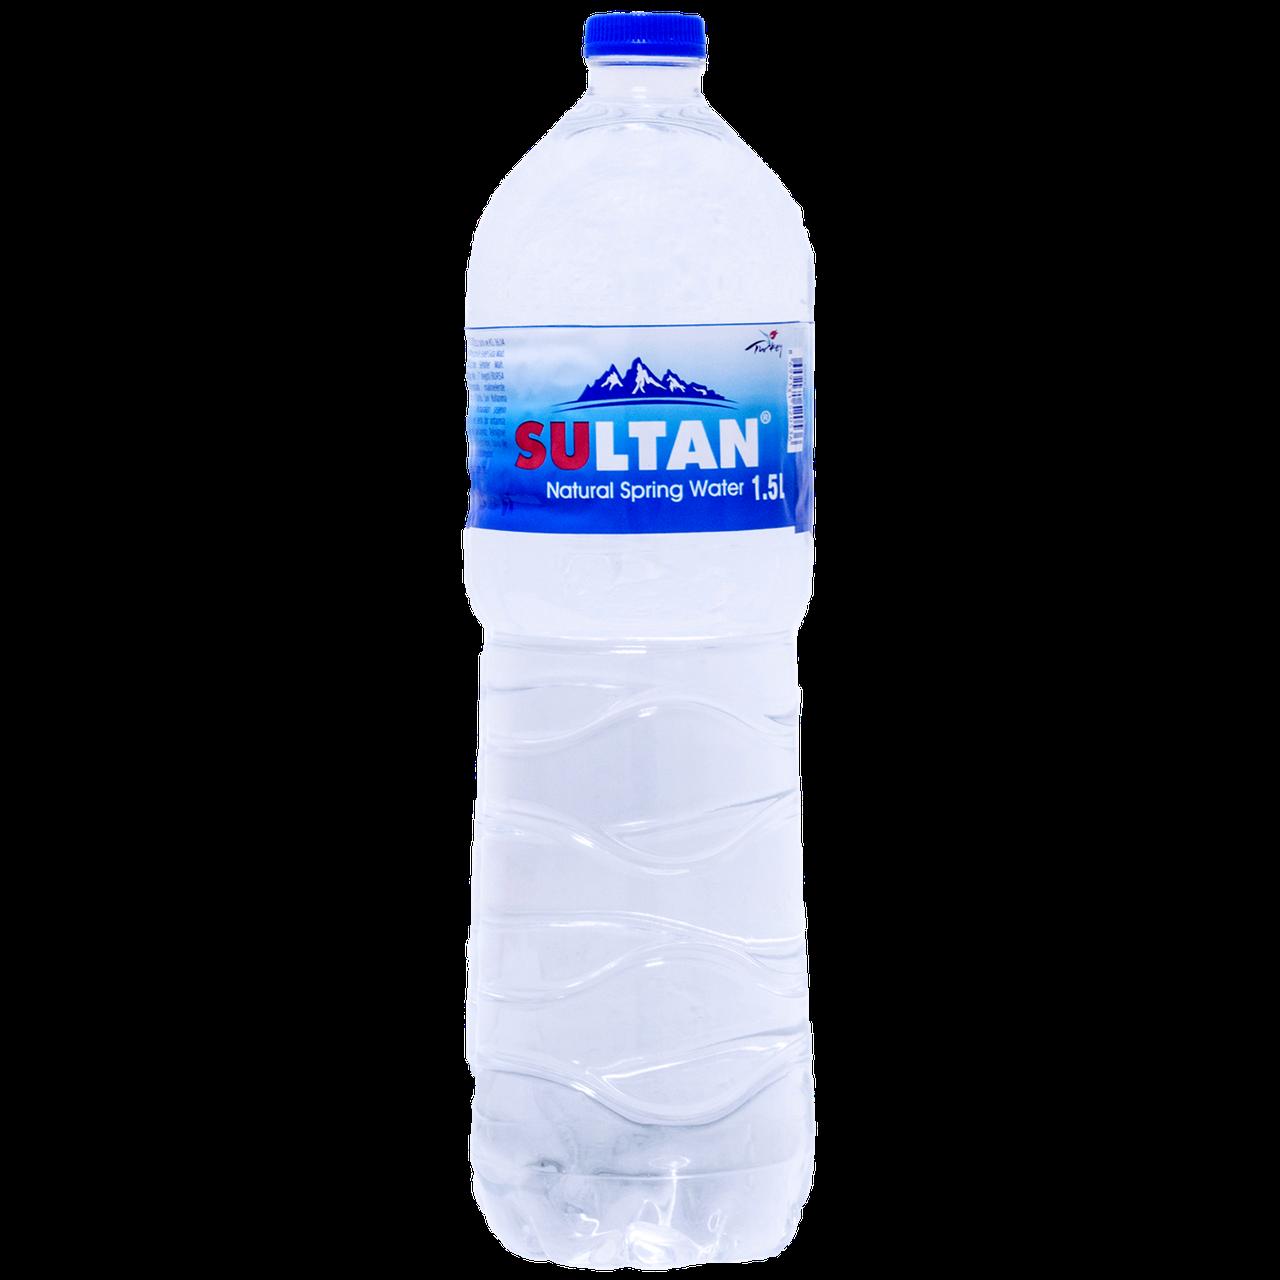 """Вода природная родниковая """"Sultan"""" негаз 1.5 л, пэт (уп/6 бут.)"""